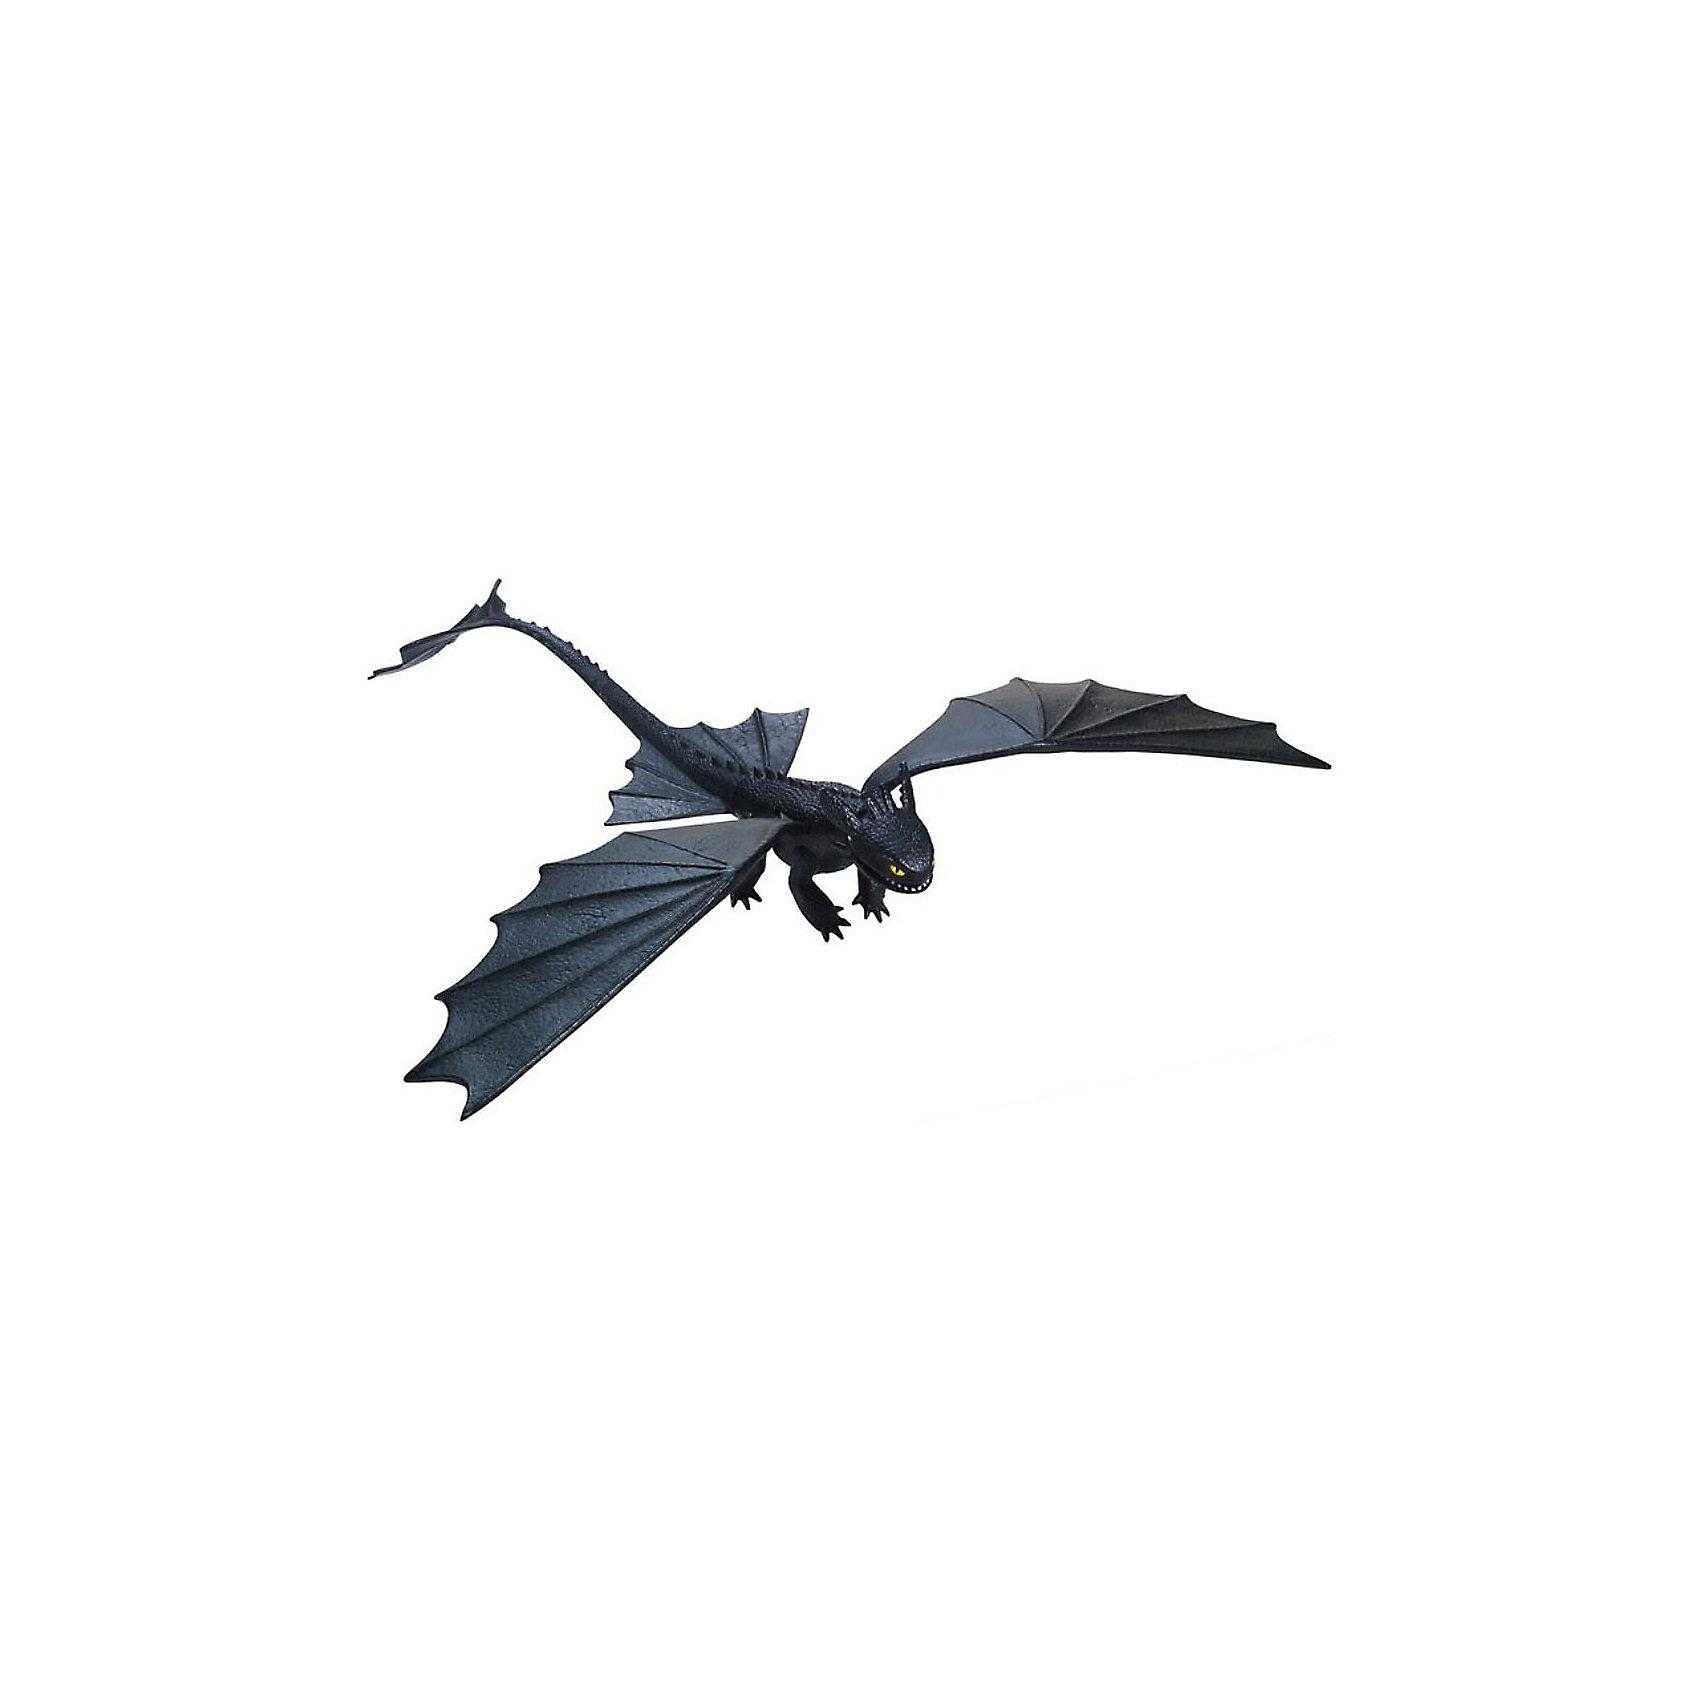 Функциональные драконы Беззубик, Как приручить дракона, Spin MasterХарактеристики товара:<br><br>- цвет: разноцветный;<br>- материал: пластик;<br>- размер игрушки: 30-35 см;<br>- вес: 500 г.<br><br>Играть с фигурками из любимого мультфильма - вдвойне интереснее! Фигурки героев мультика Как приручить дракона очень красивые, они хорошо детализированы. Каждая фигурка отлично выполнена, очень похожа на героя мультика, поэтому она станет желанным подарком для ребенка. Такое изделие отлично тренирует у ребенка разные навыки: играя с фигурками, ребенок развивает мелкую моторику, цветовосприятие, внимание, воображение и творческое мышление. <br>Игрушки имеют свои уникальные боевые функции, также на них есть место для всадника. Из этих фигурок можно собрать целую коллекцию! Изделие произведено из качественных проверенных материалов, безопасных для малышей.<br><br>Функциональные драконы Зубастик, Как приручить дракона, от бренда Spin Master можно купить в нашем интернет-магазине.<br><br>Ширина мм: 295<br>Глубина мм: 213<br>Высота мм: 109<br>Вес г: 231<br>Возраст от месяцев: 36<br>Возраст до месяцев: 2147483647<br>Пол: Мужской<br>Возраст: Детский<br>SKU: 5140239